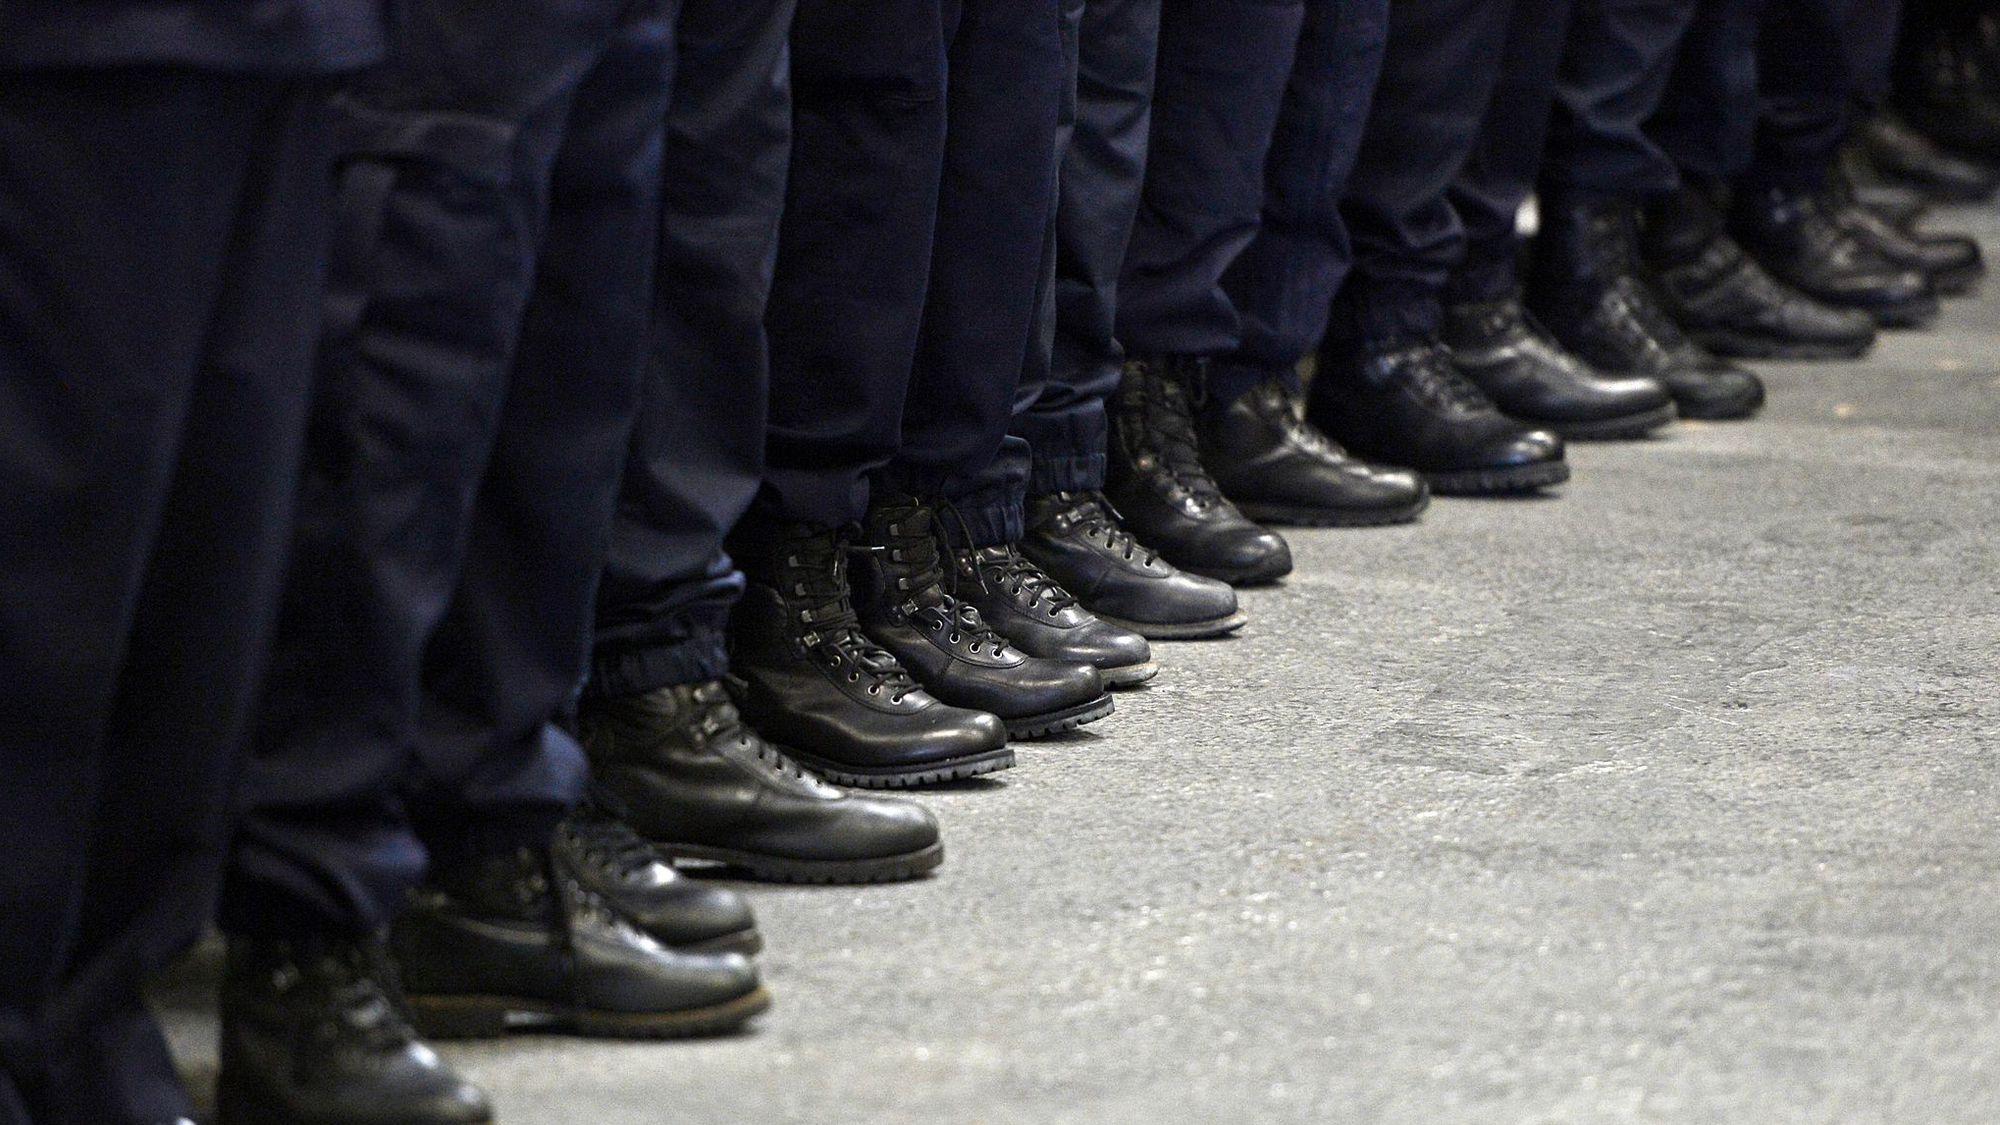 Combien sont-ils, ces policiers et ces gendarmes prêts à trahir la République au nom du califat?